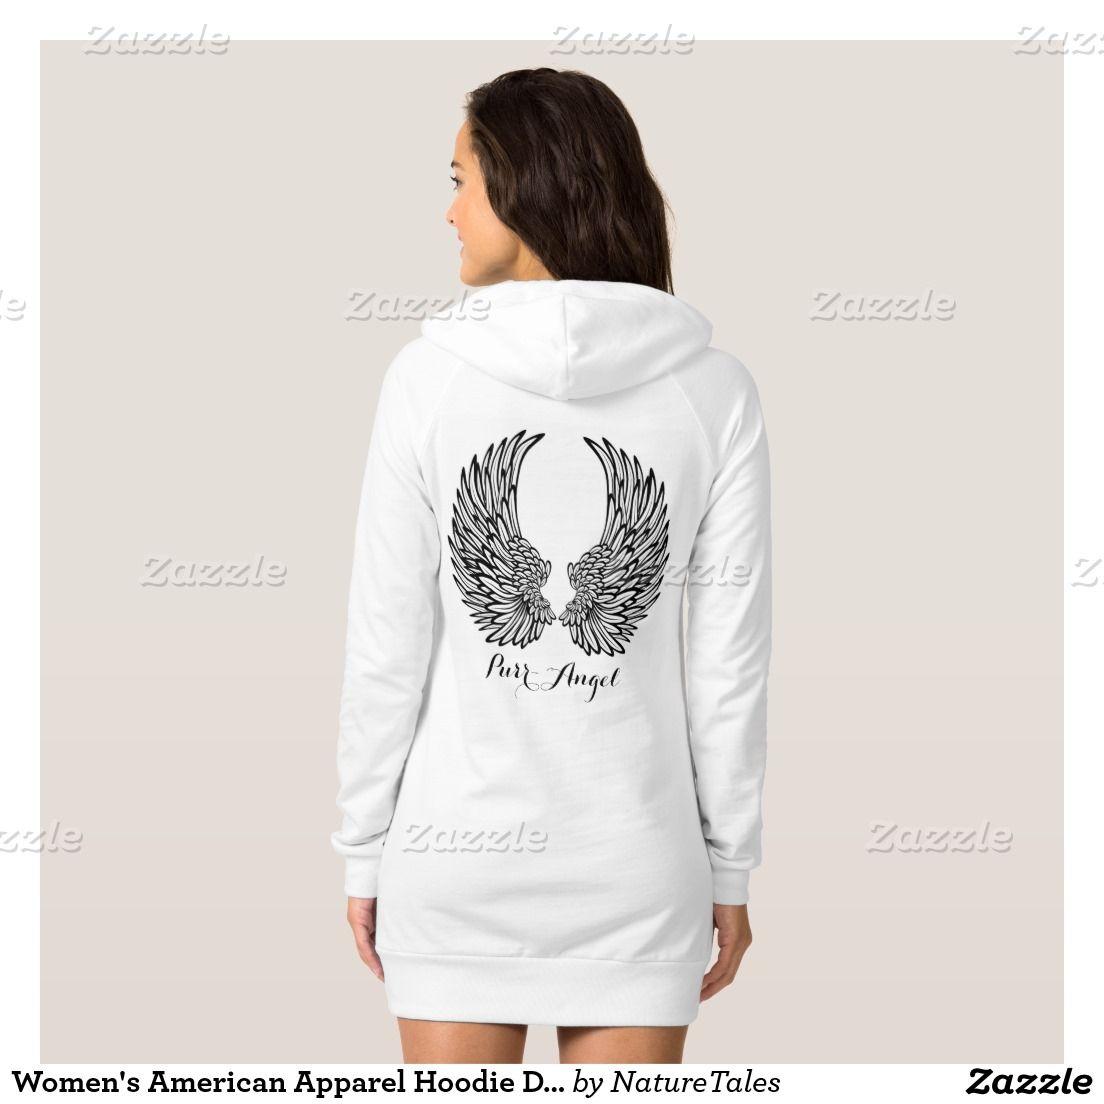 Womenus american apparel hoodie dressangel wings stuff to buy